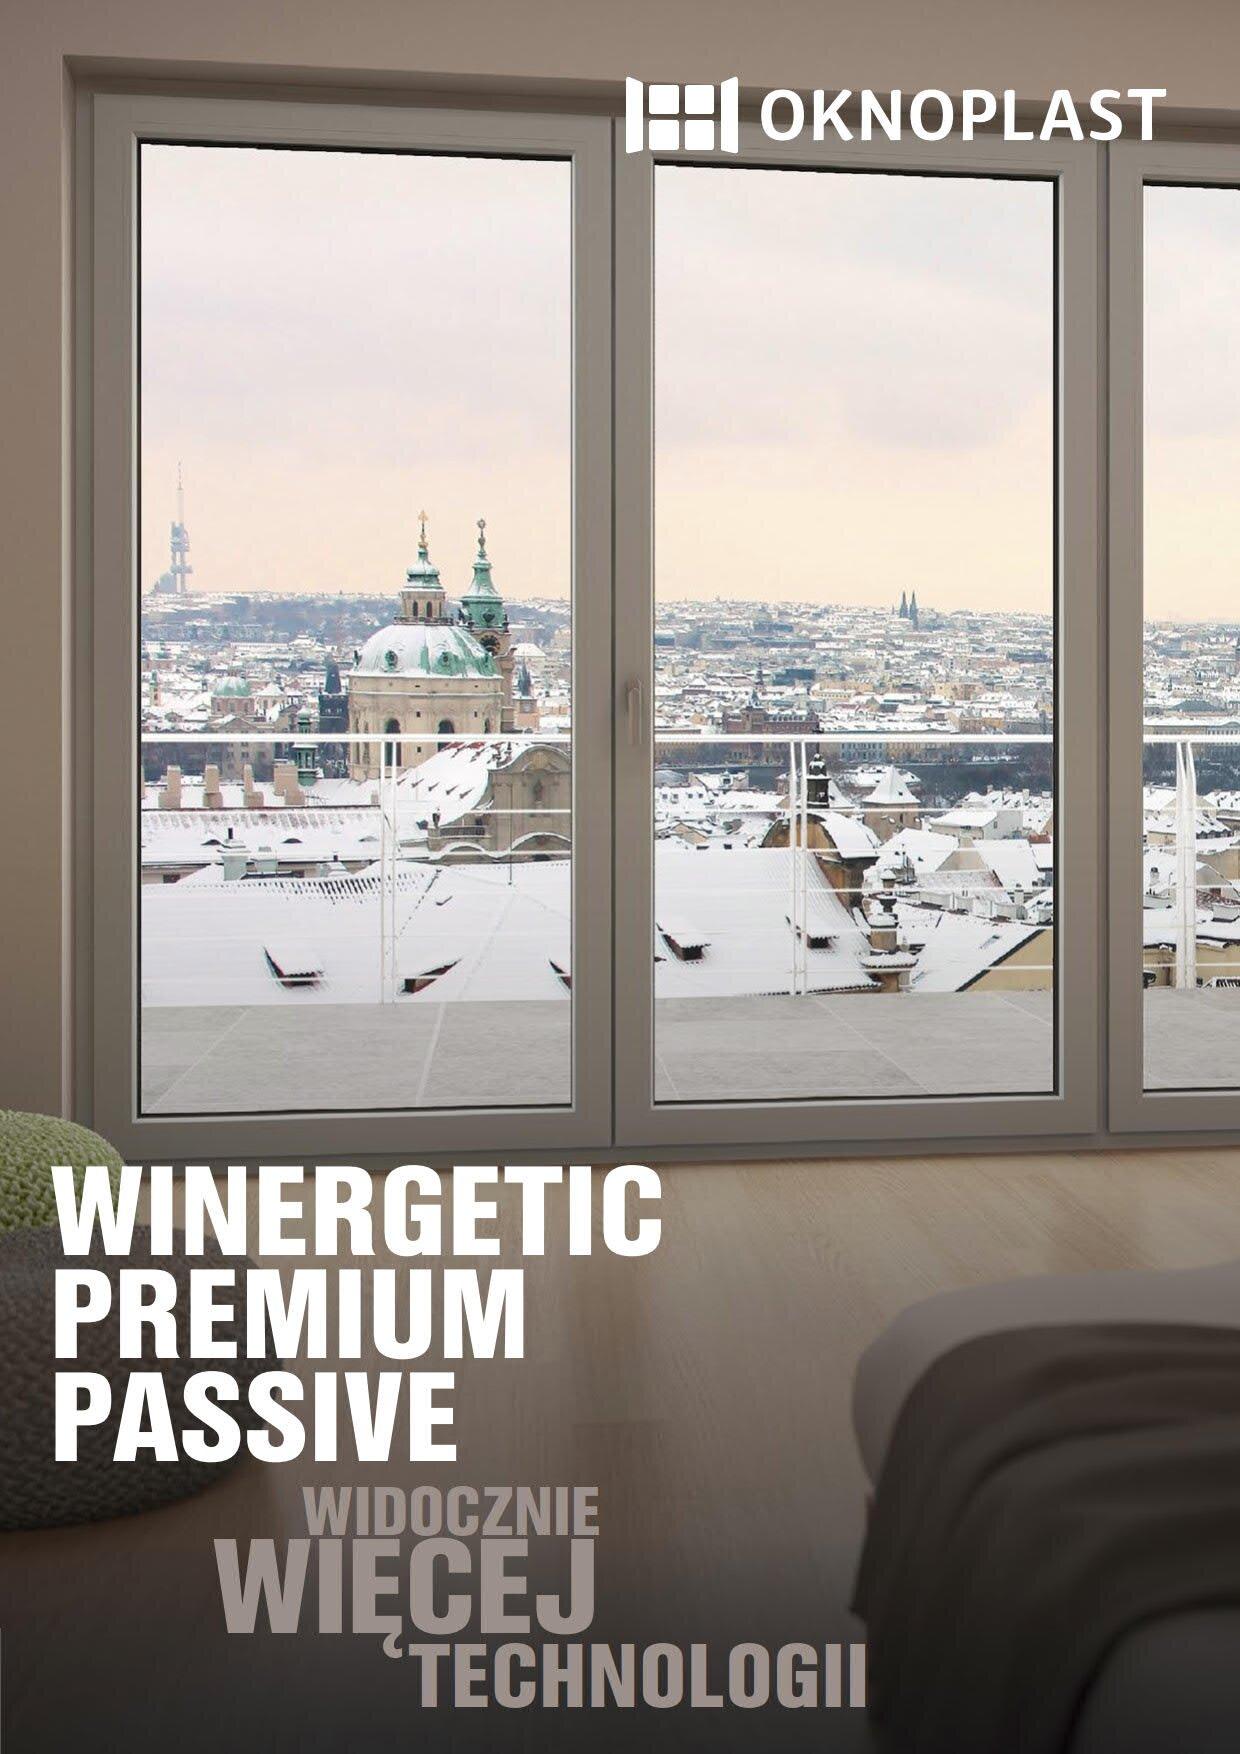 Winergetic Premium Passive Image